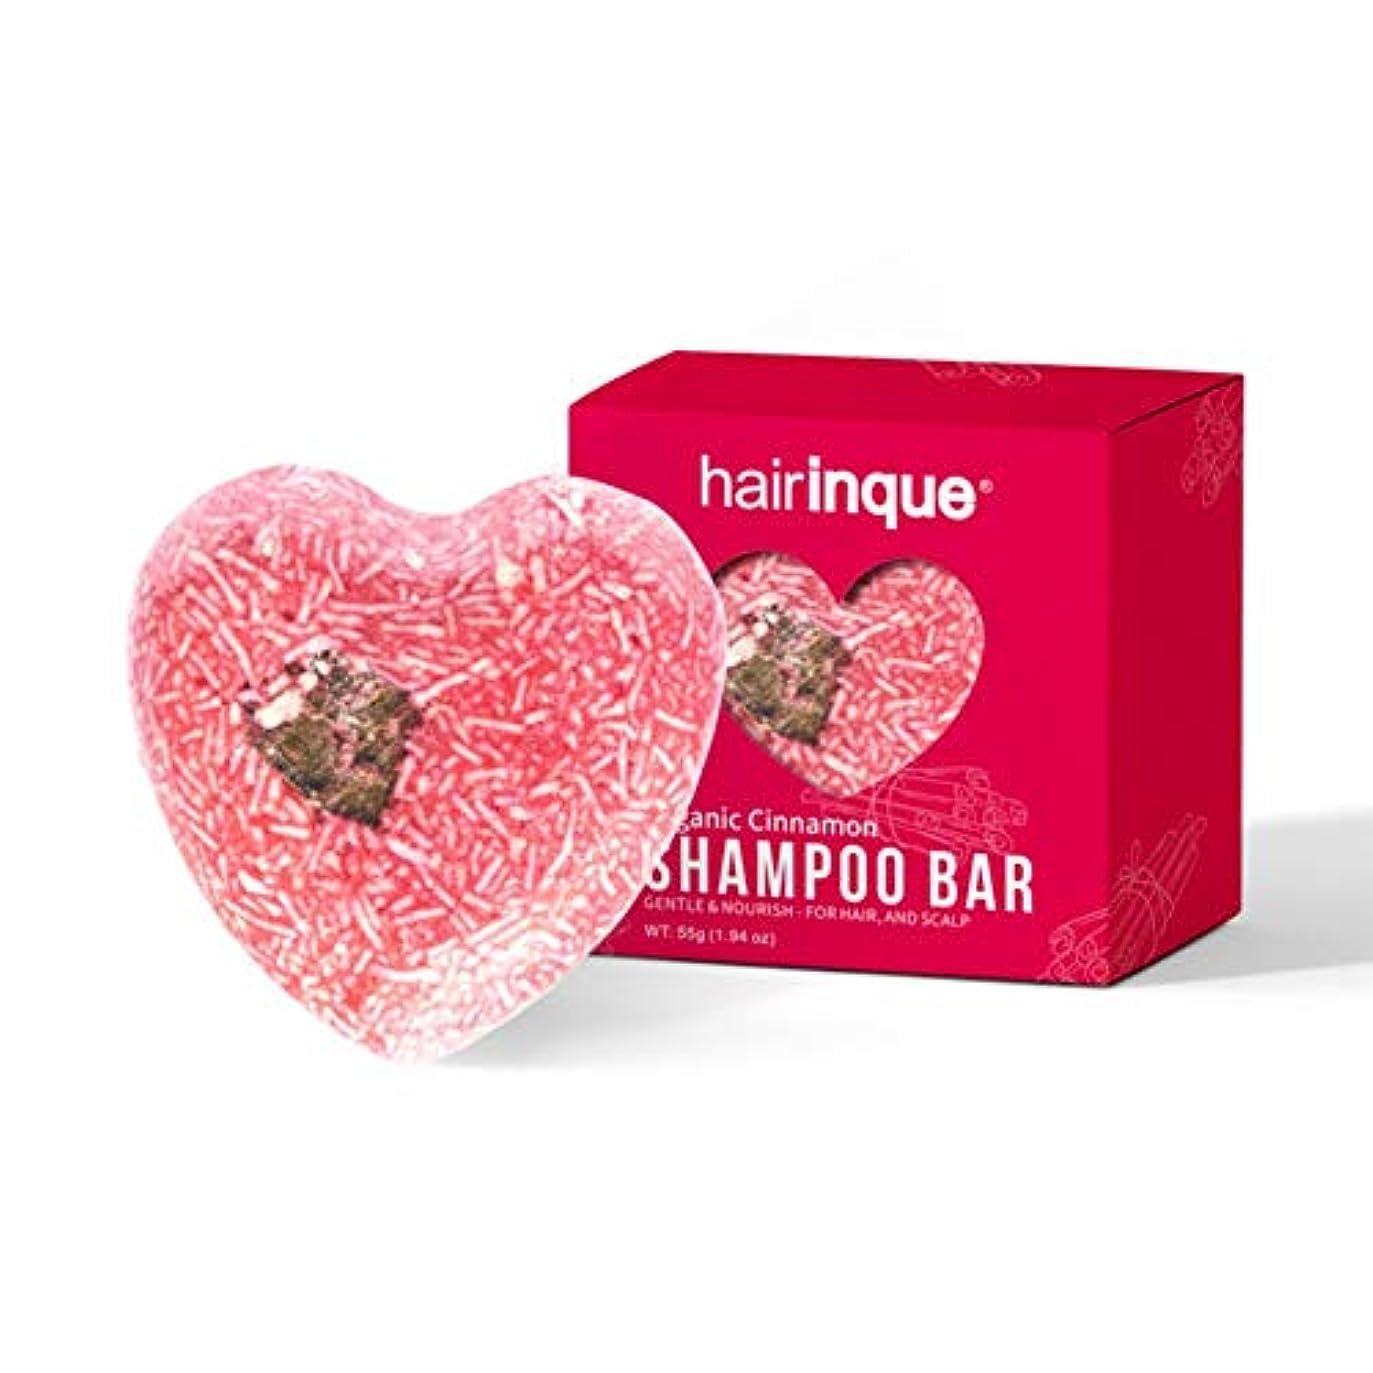 記念日悲惨な楽しませるシャンプー シャンプー石鹸 栄養 脱毛 シャンプーソープ 天然成分 化学薬品防腐剤なし シャンプーソープ ヘアケア Cutelove